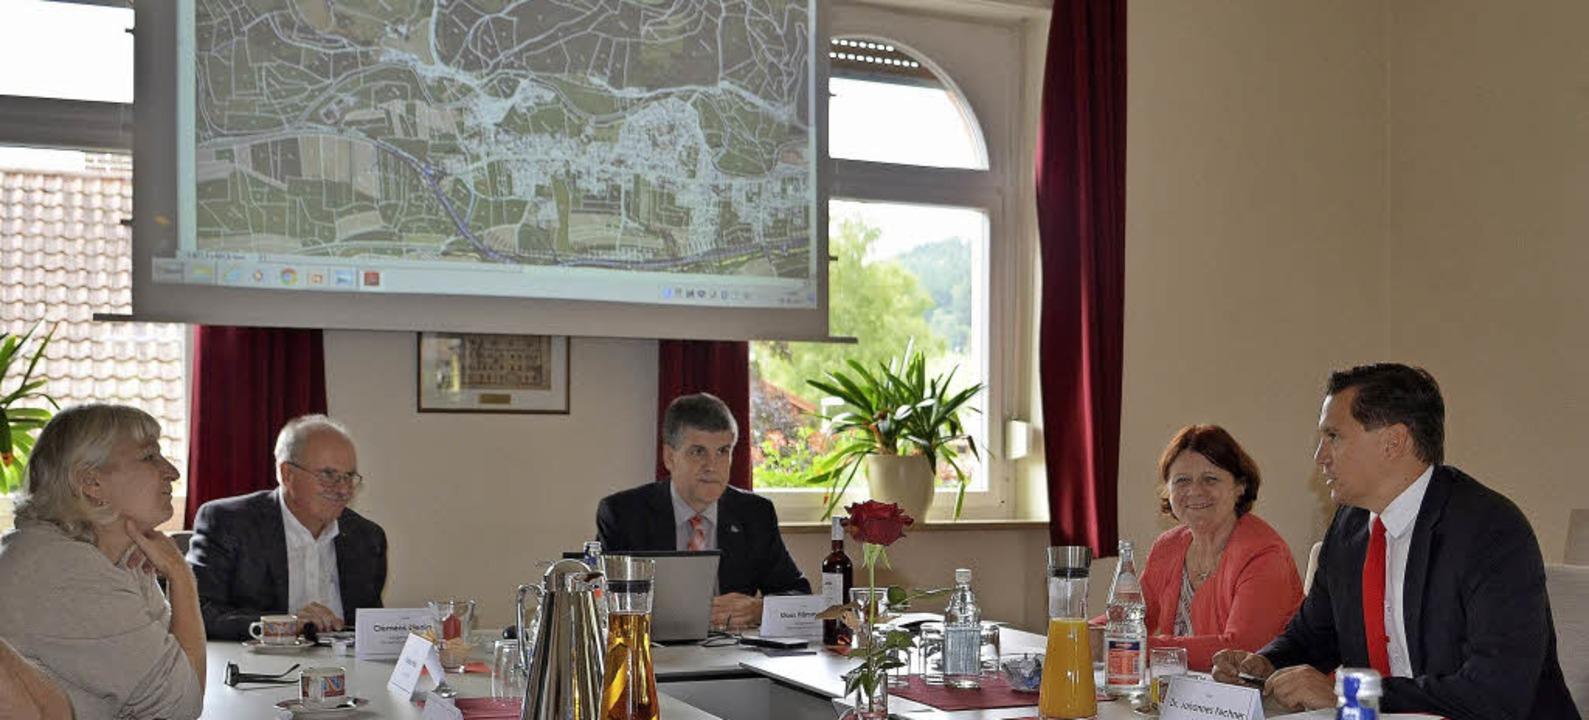 Beim Gespräch: Franka Weis, Clemens Bi...en Annette Sawade und Johannes Fechner  | Foto: Nikolaus Bayer